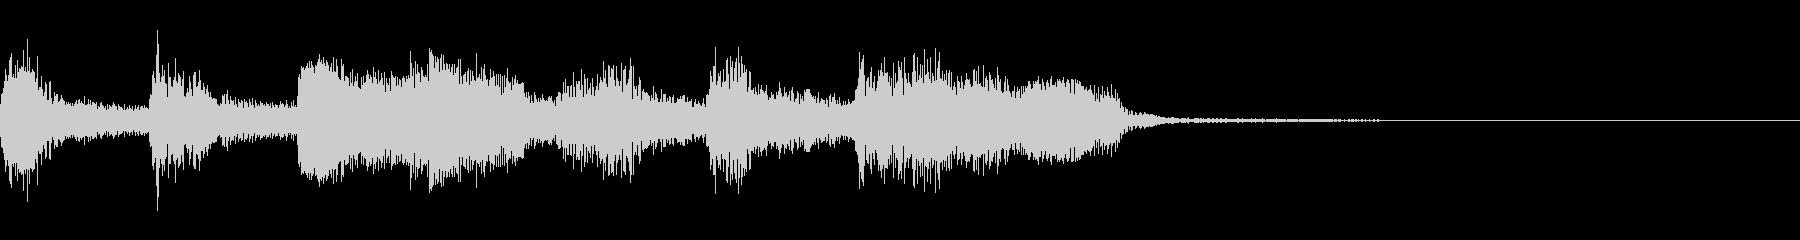 音頭風の短いフレーズの未再生の波形